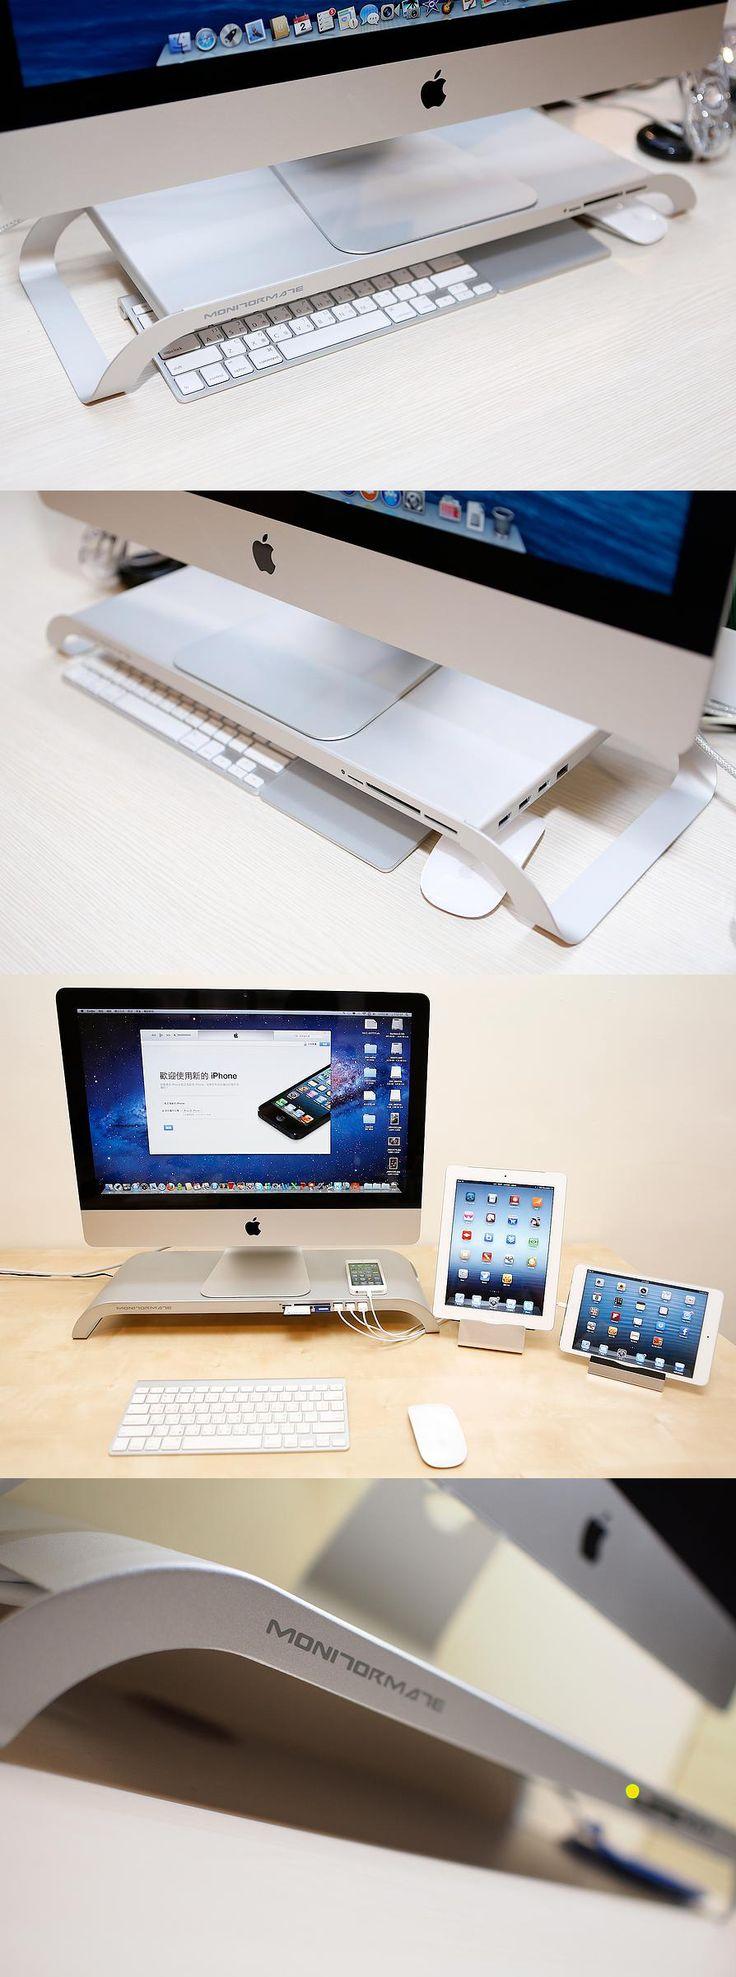 best 25 desktop gadgets ideas on pinterest computer gadgets